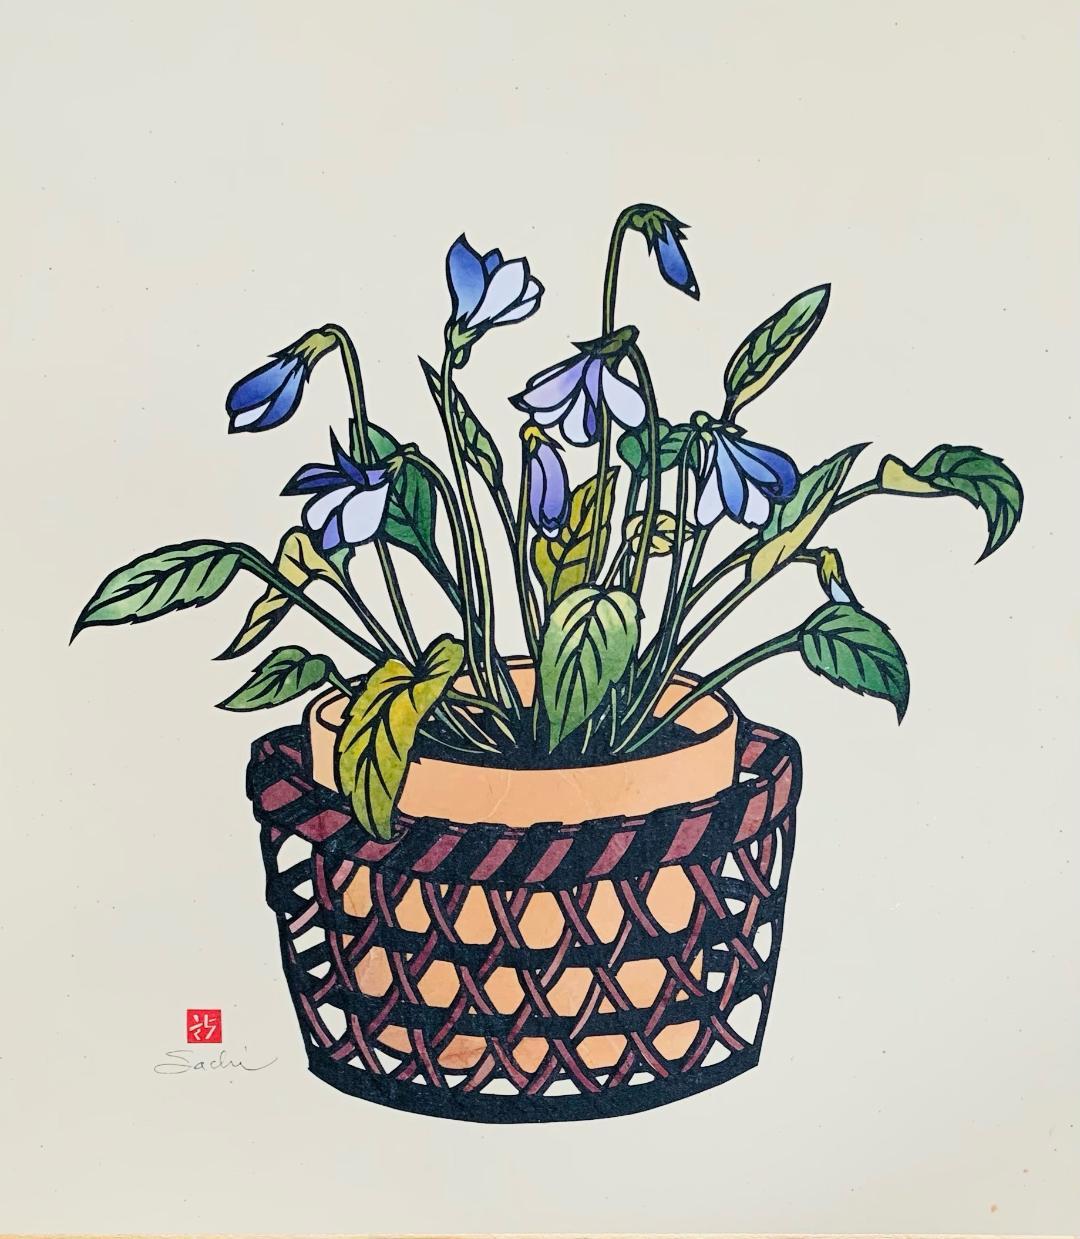 Violet by Satchi Tanimotol